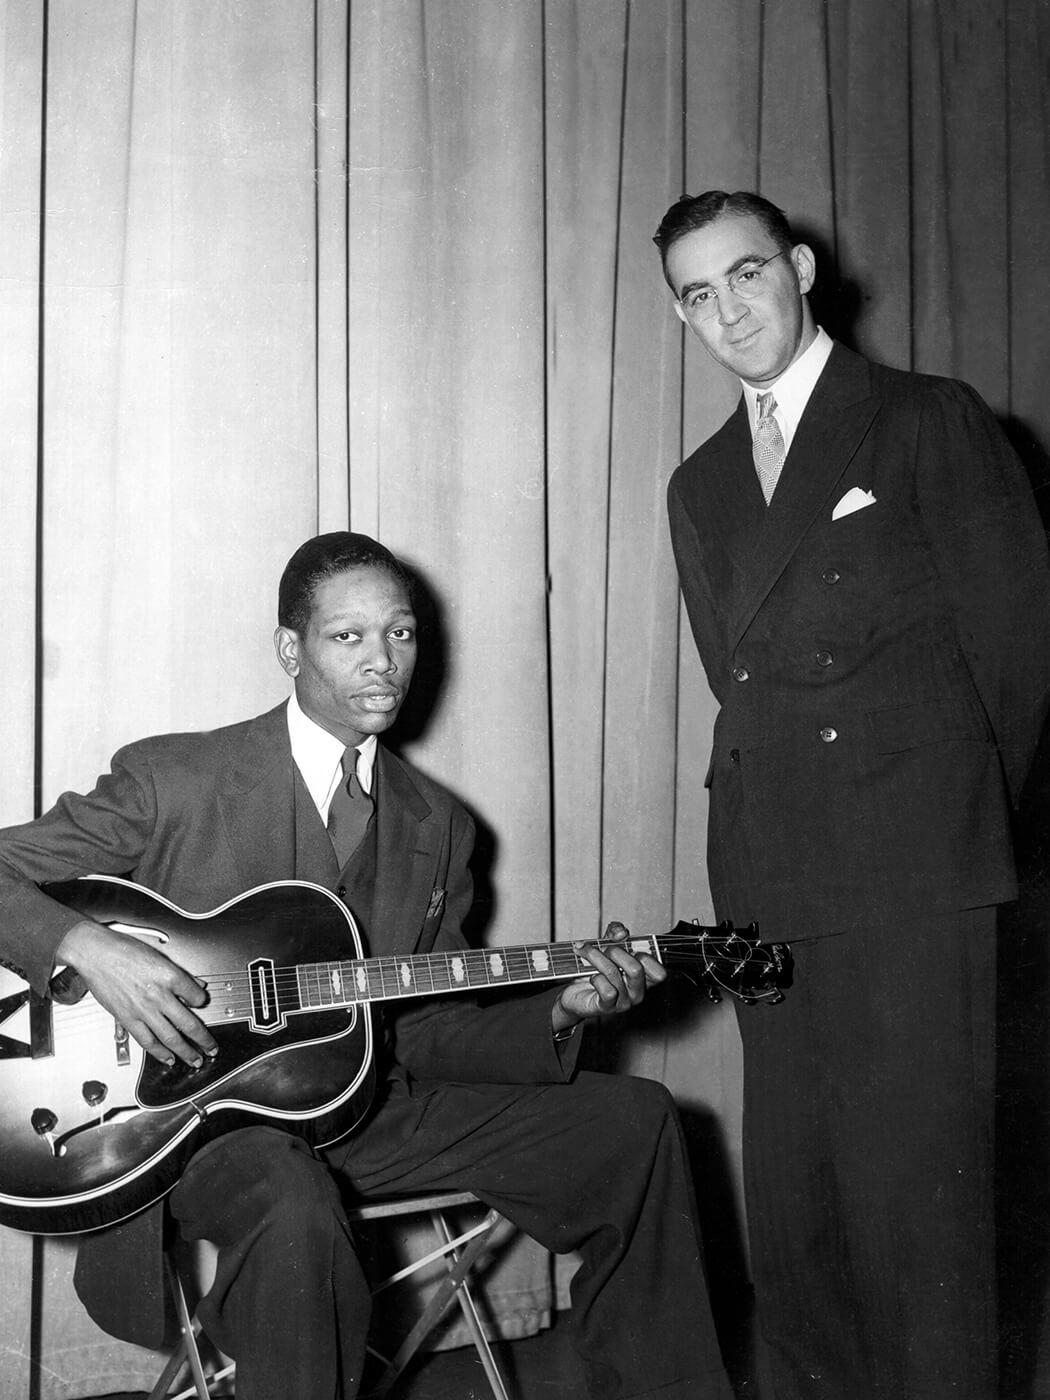 Charlie Christian and Benny Goodman